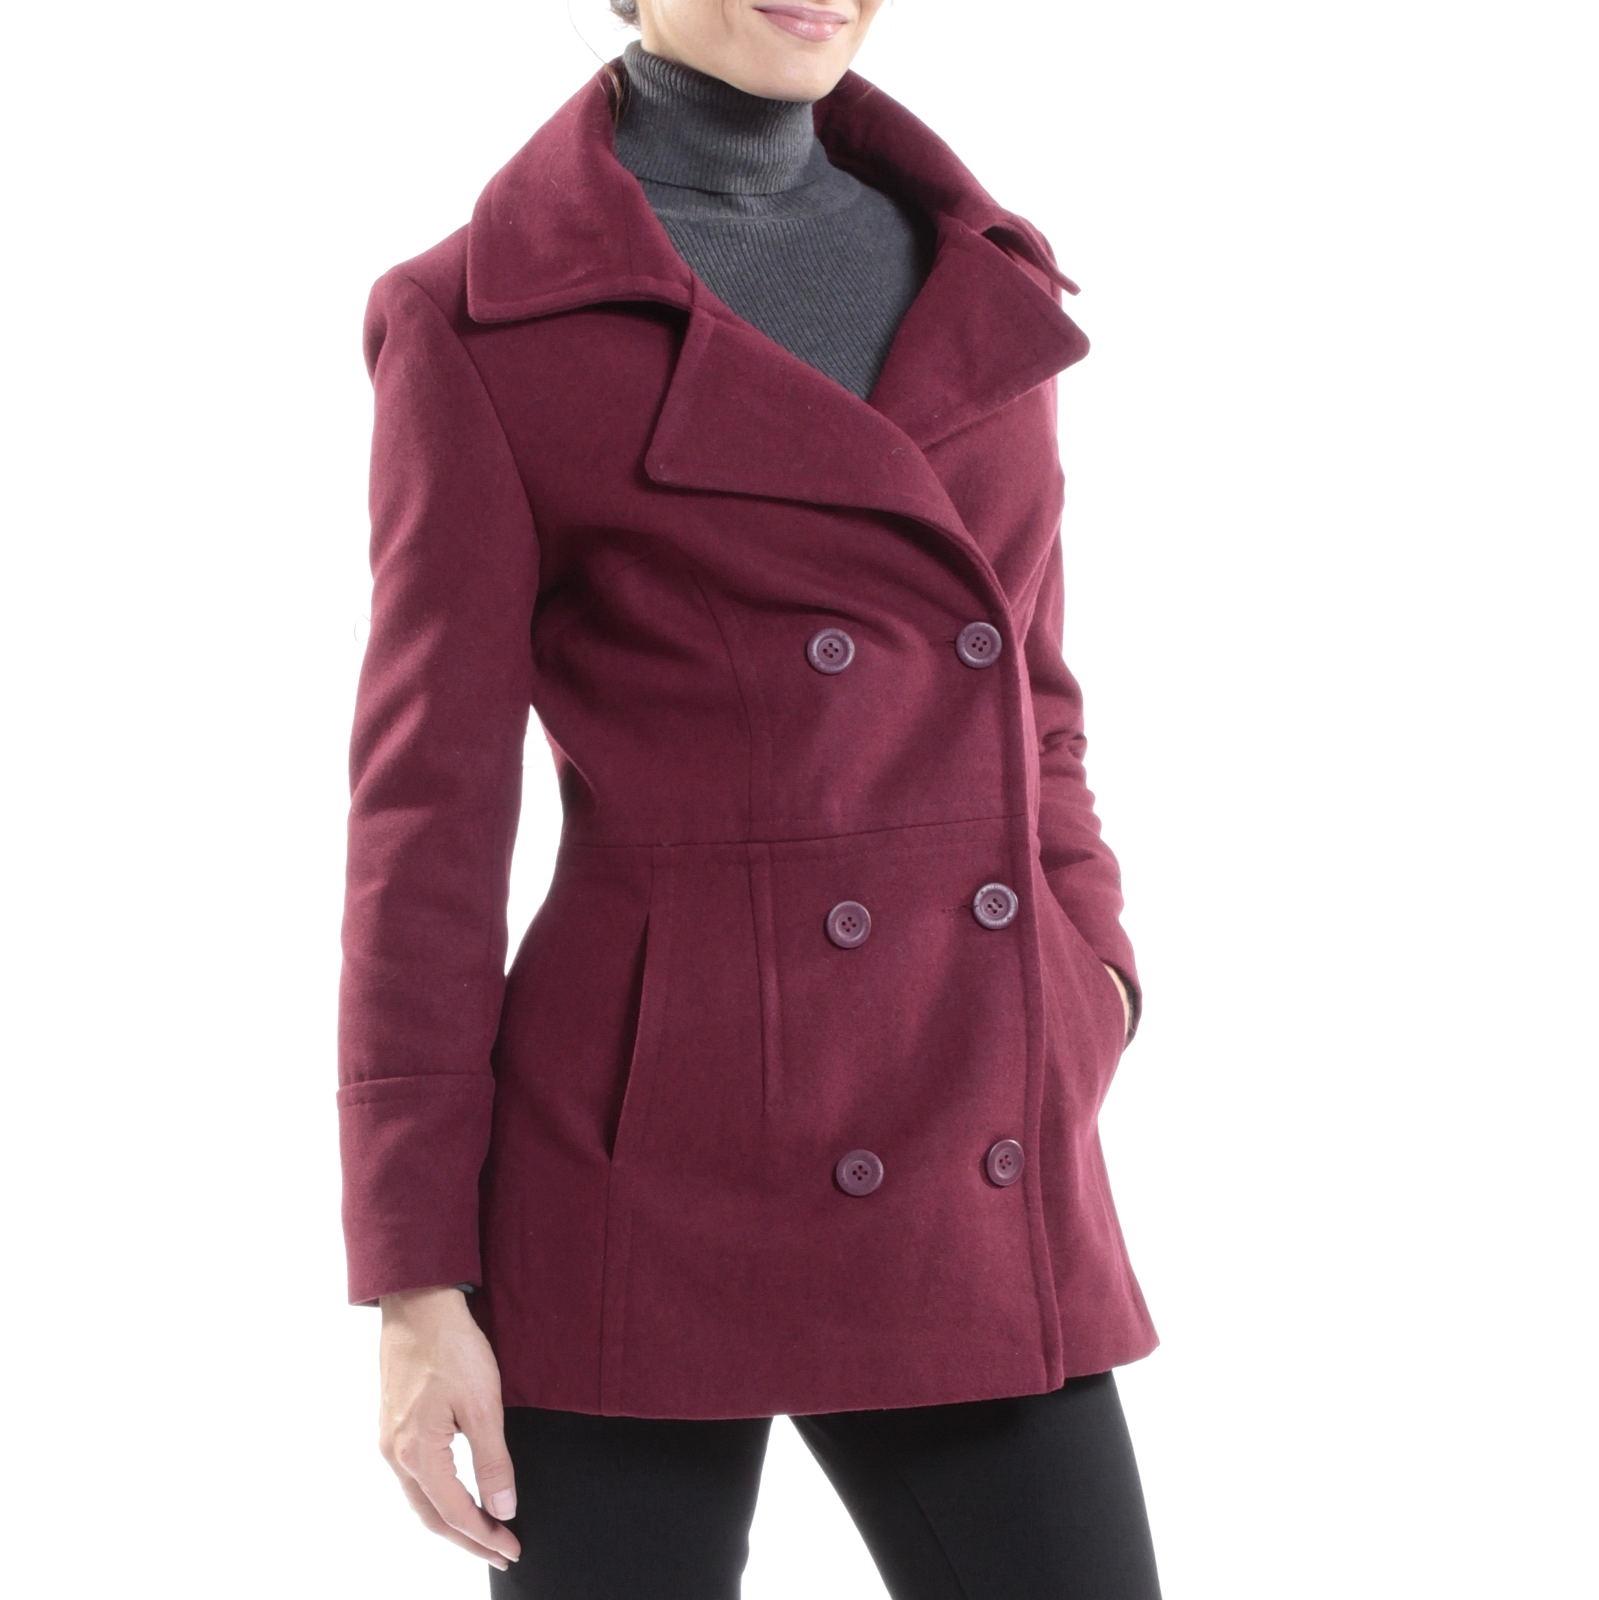 Alpine Swiss Emma Womens Peacoat Jacket Wool Blazer Double Breasted Overcoat New $29.99 + fs